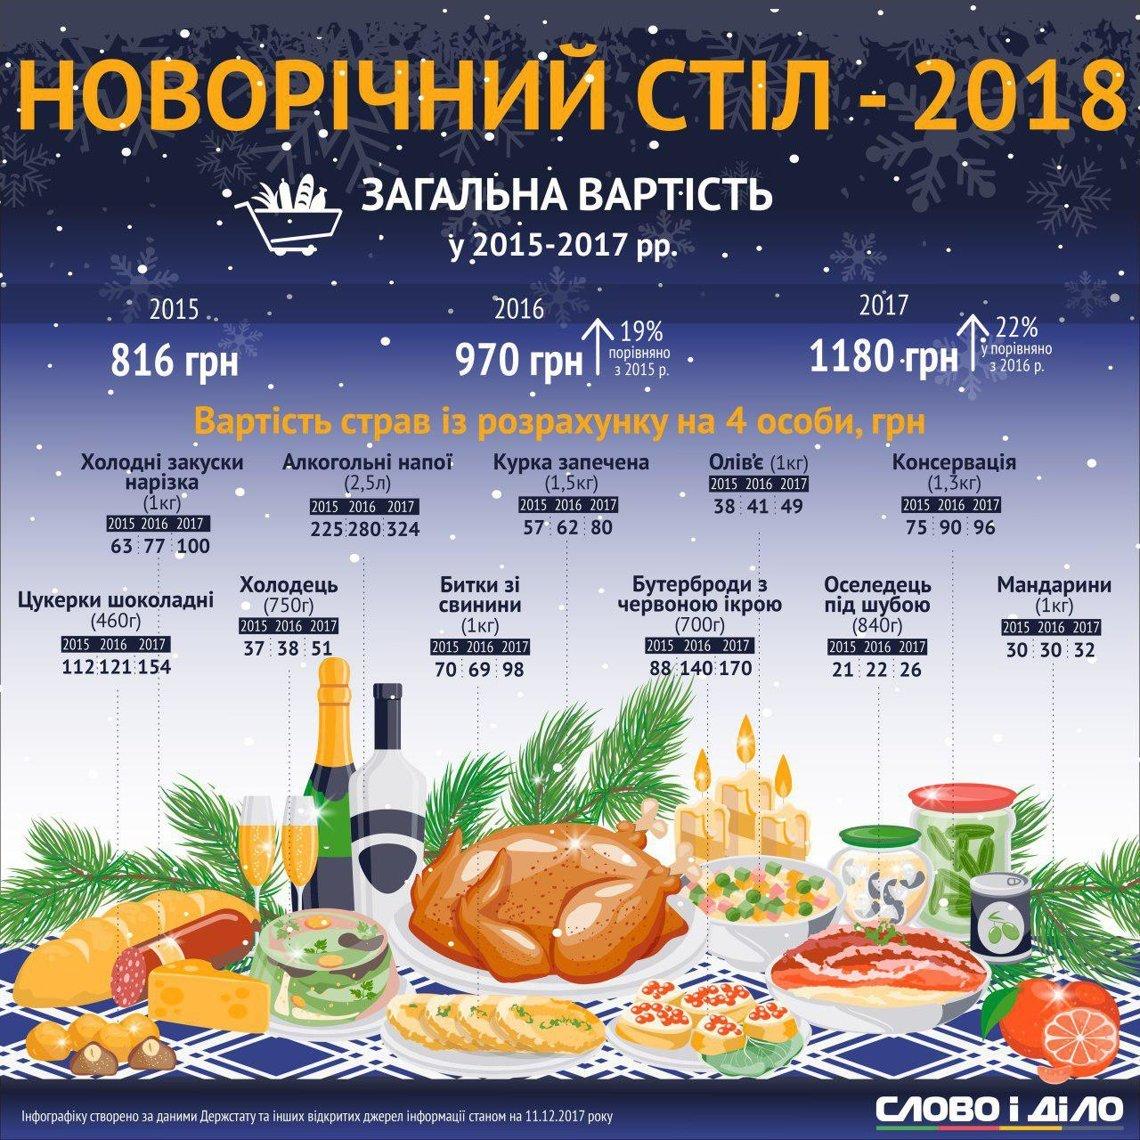 Вартість новорічного столу-2018. ІНФОГРАФІКА, фото-1